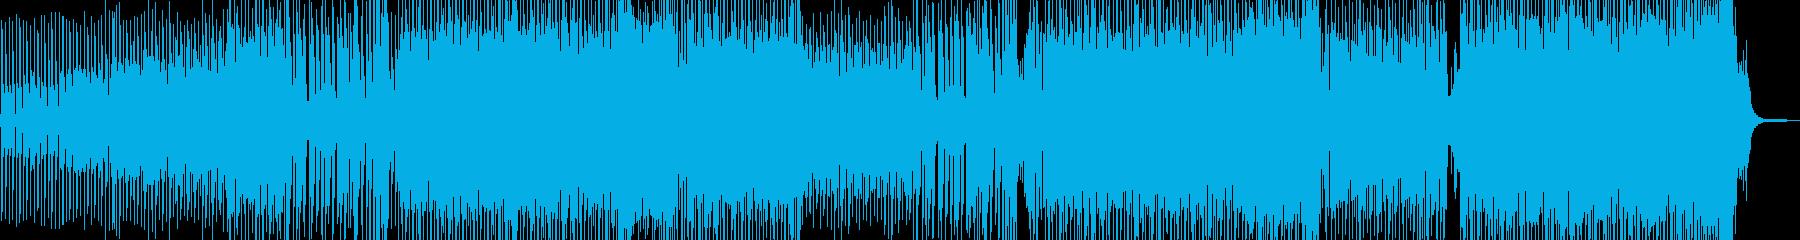 シュワッとしたシンセが爽快なEDM Bの再生済みの波形